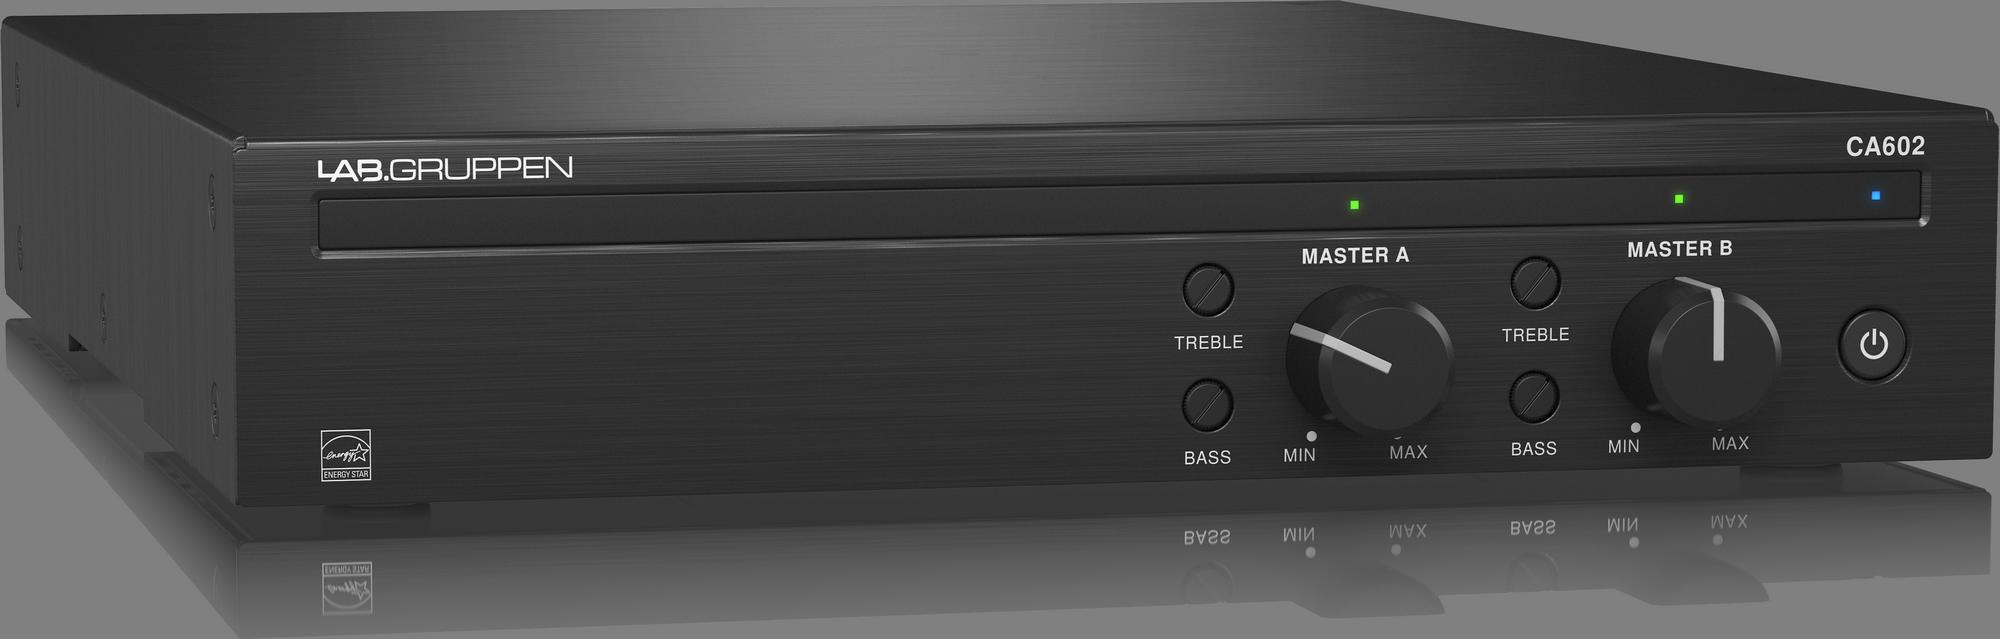 Lab Gruppen CA602 - Amplificateur de puissance